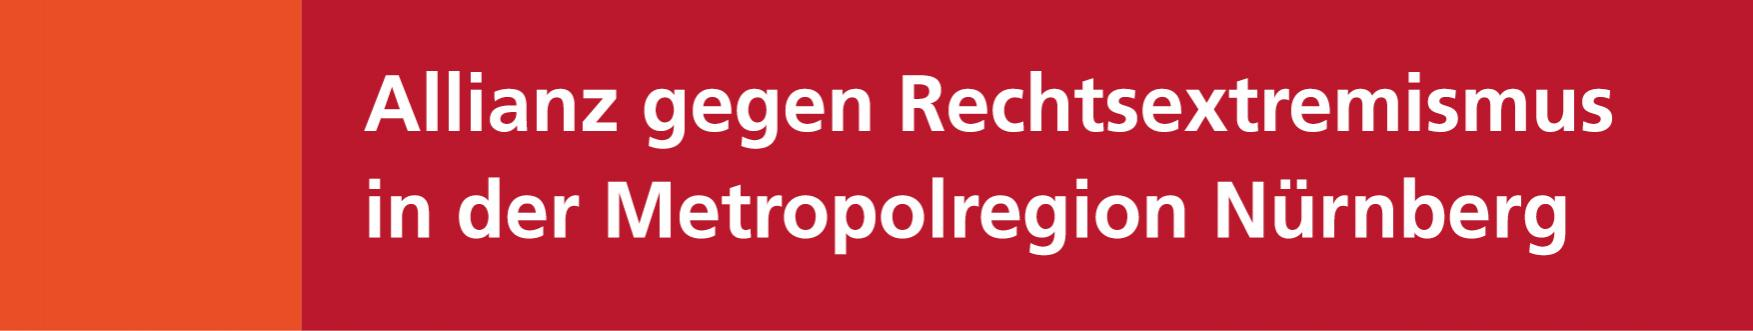 Logo - Allianz gegen Rechtsextremismus